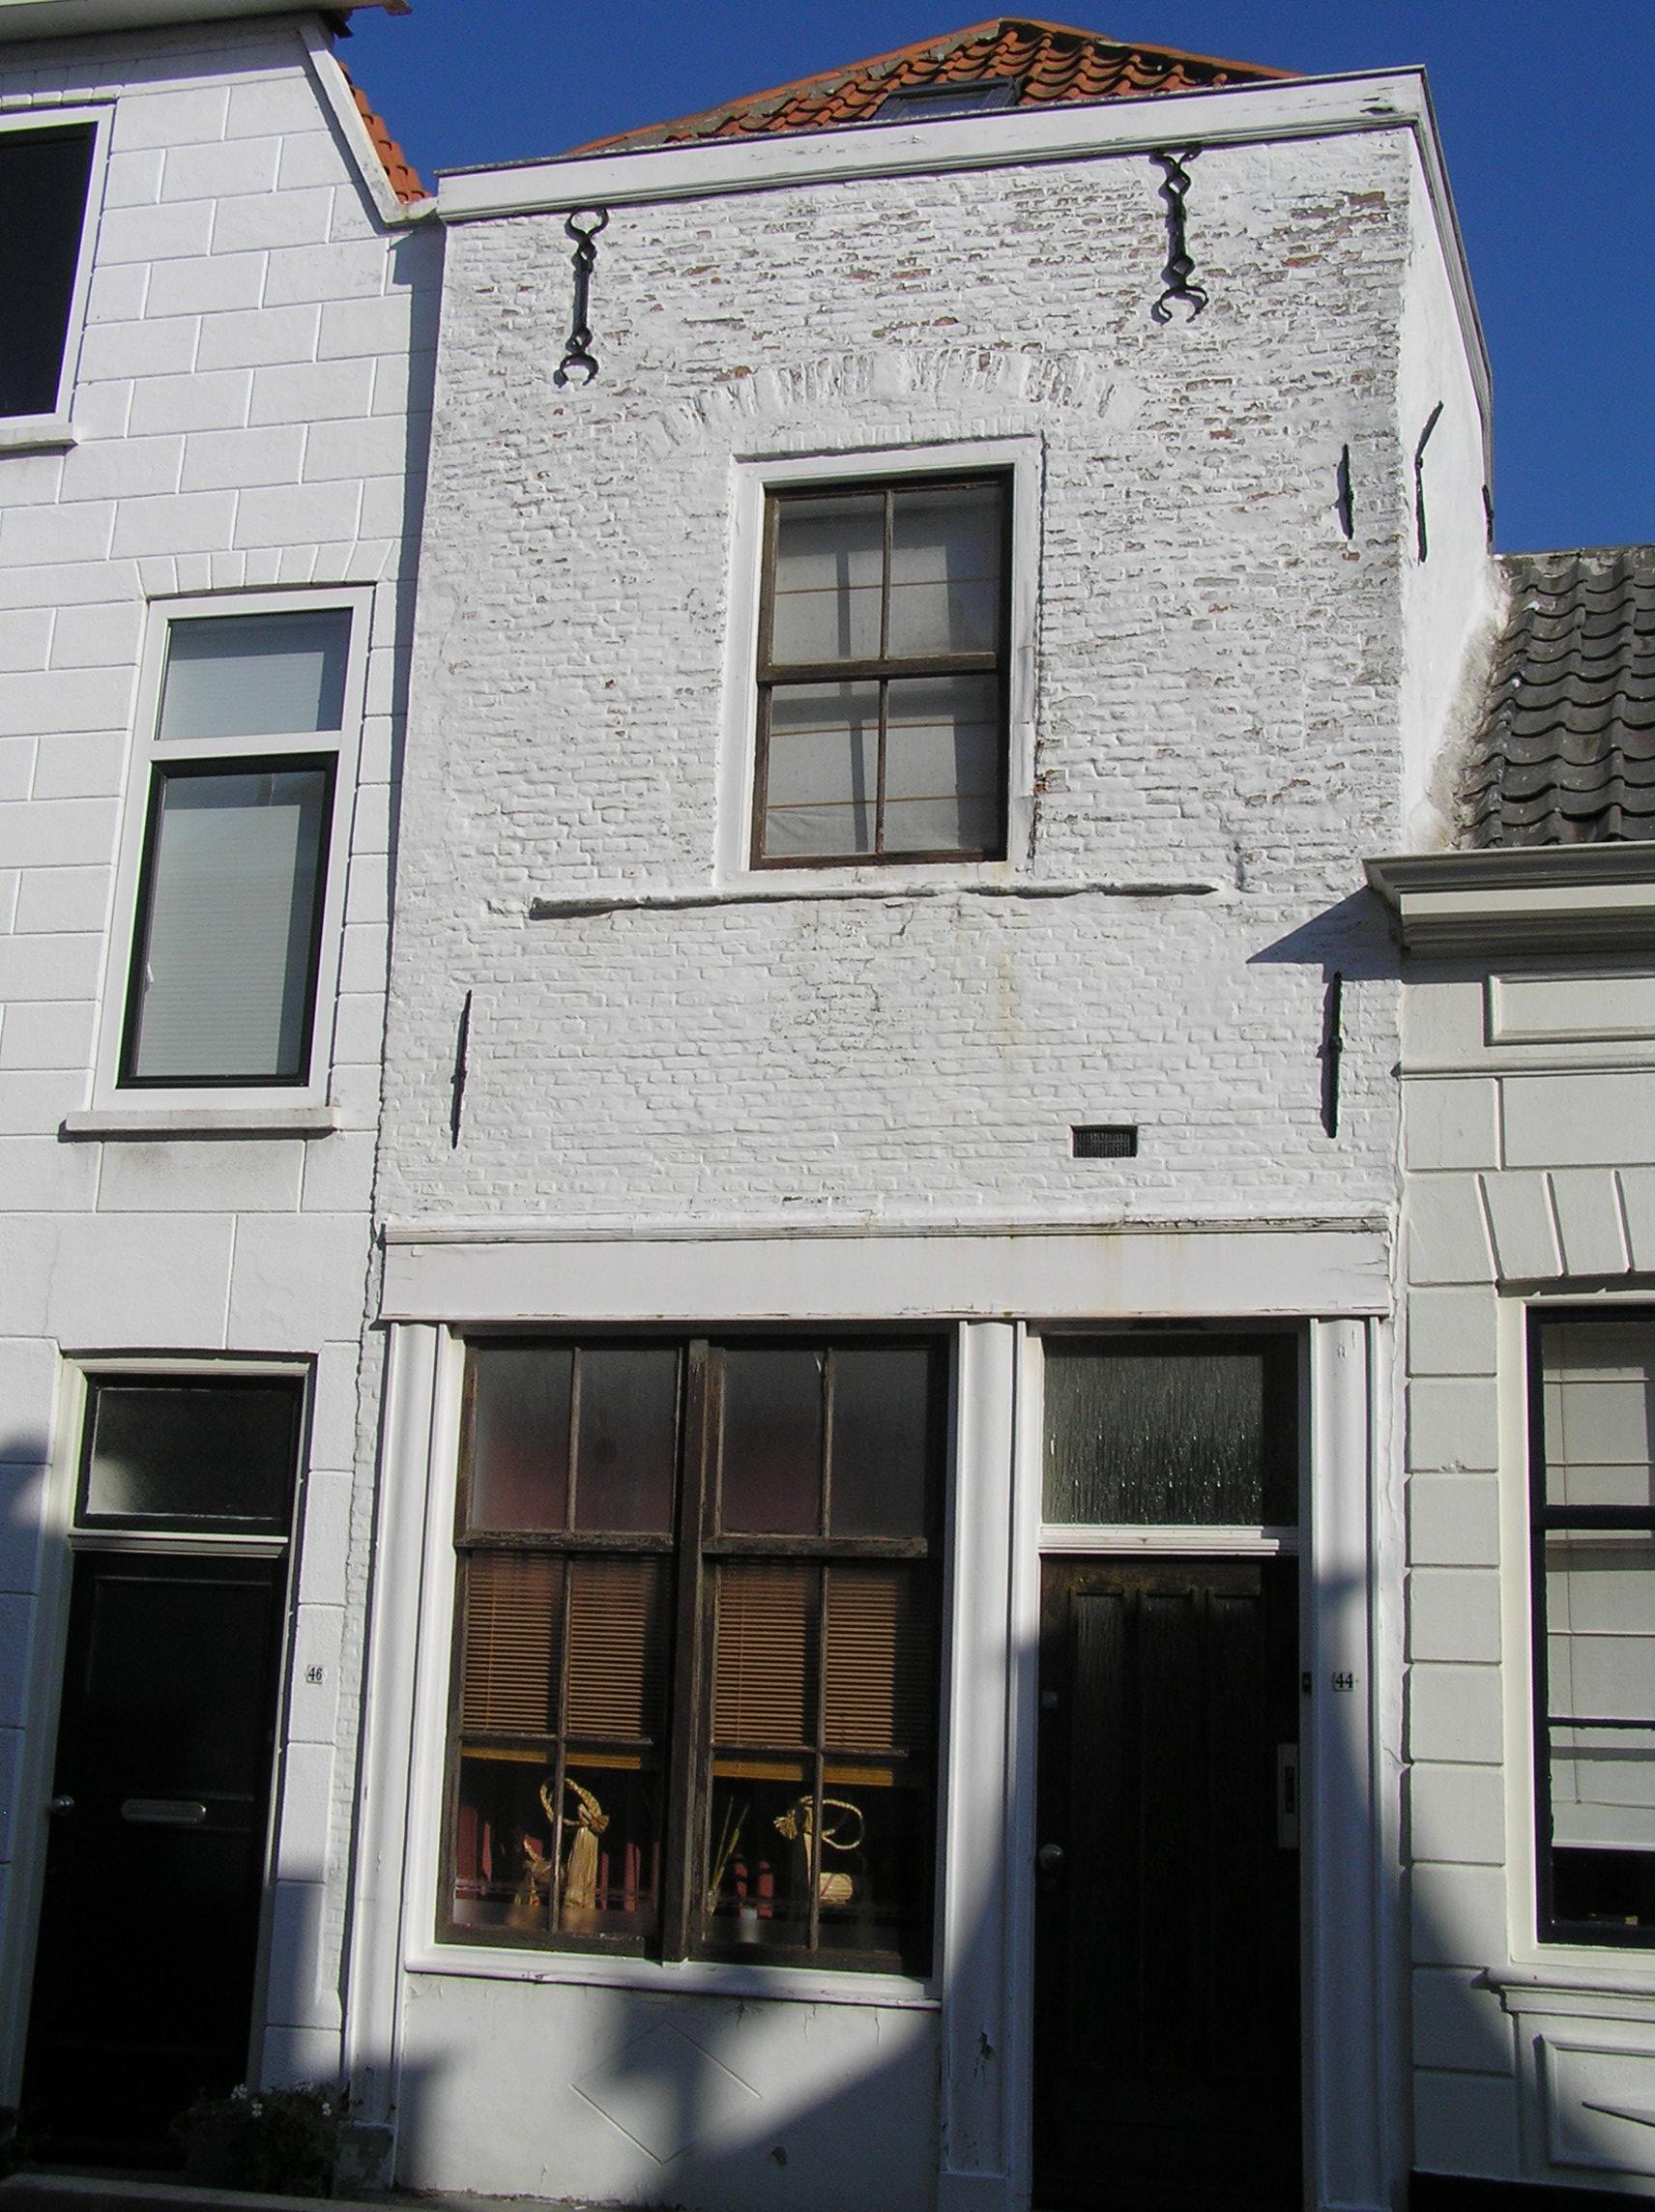 Huis met afgeknotte gevel in zierikzee monument - Provencaalse huis gevel ...